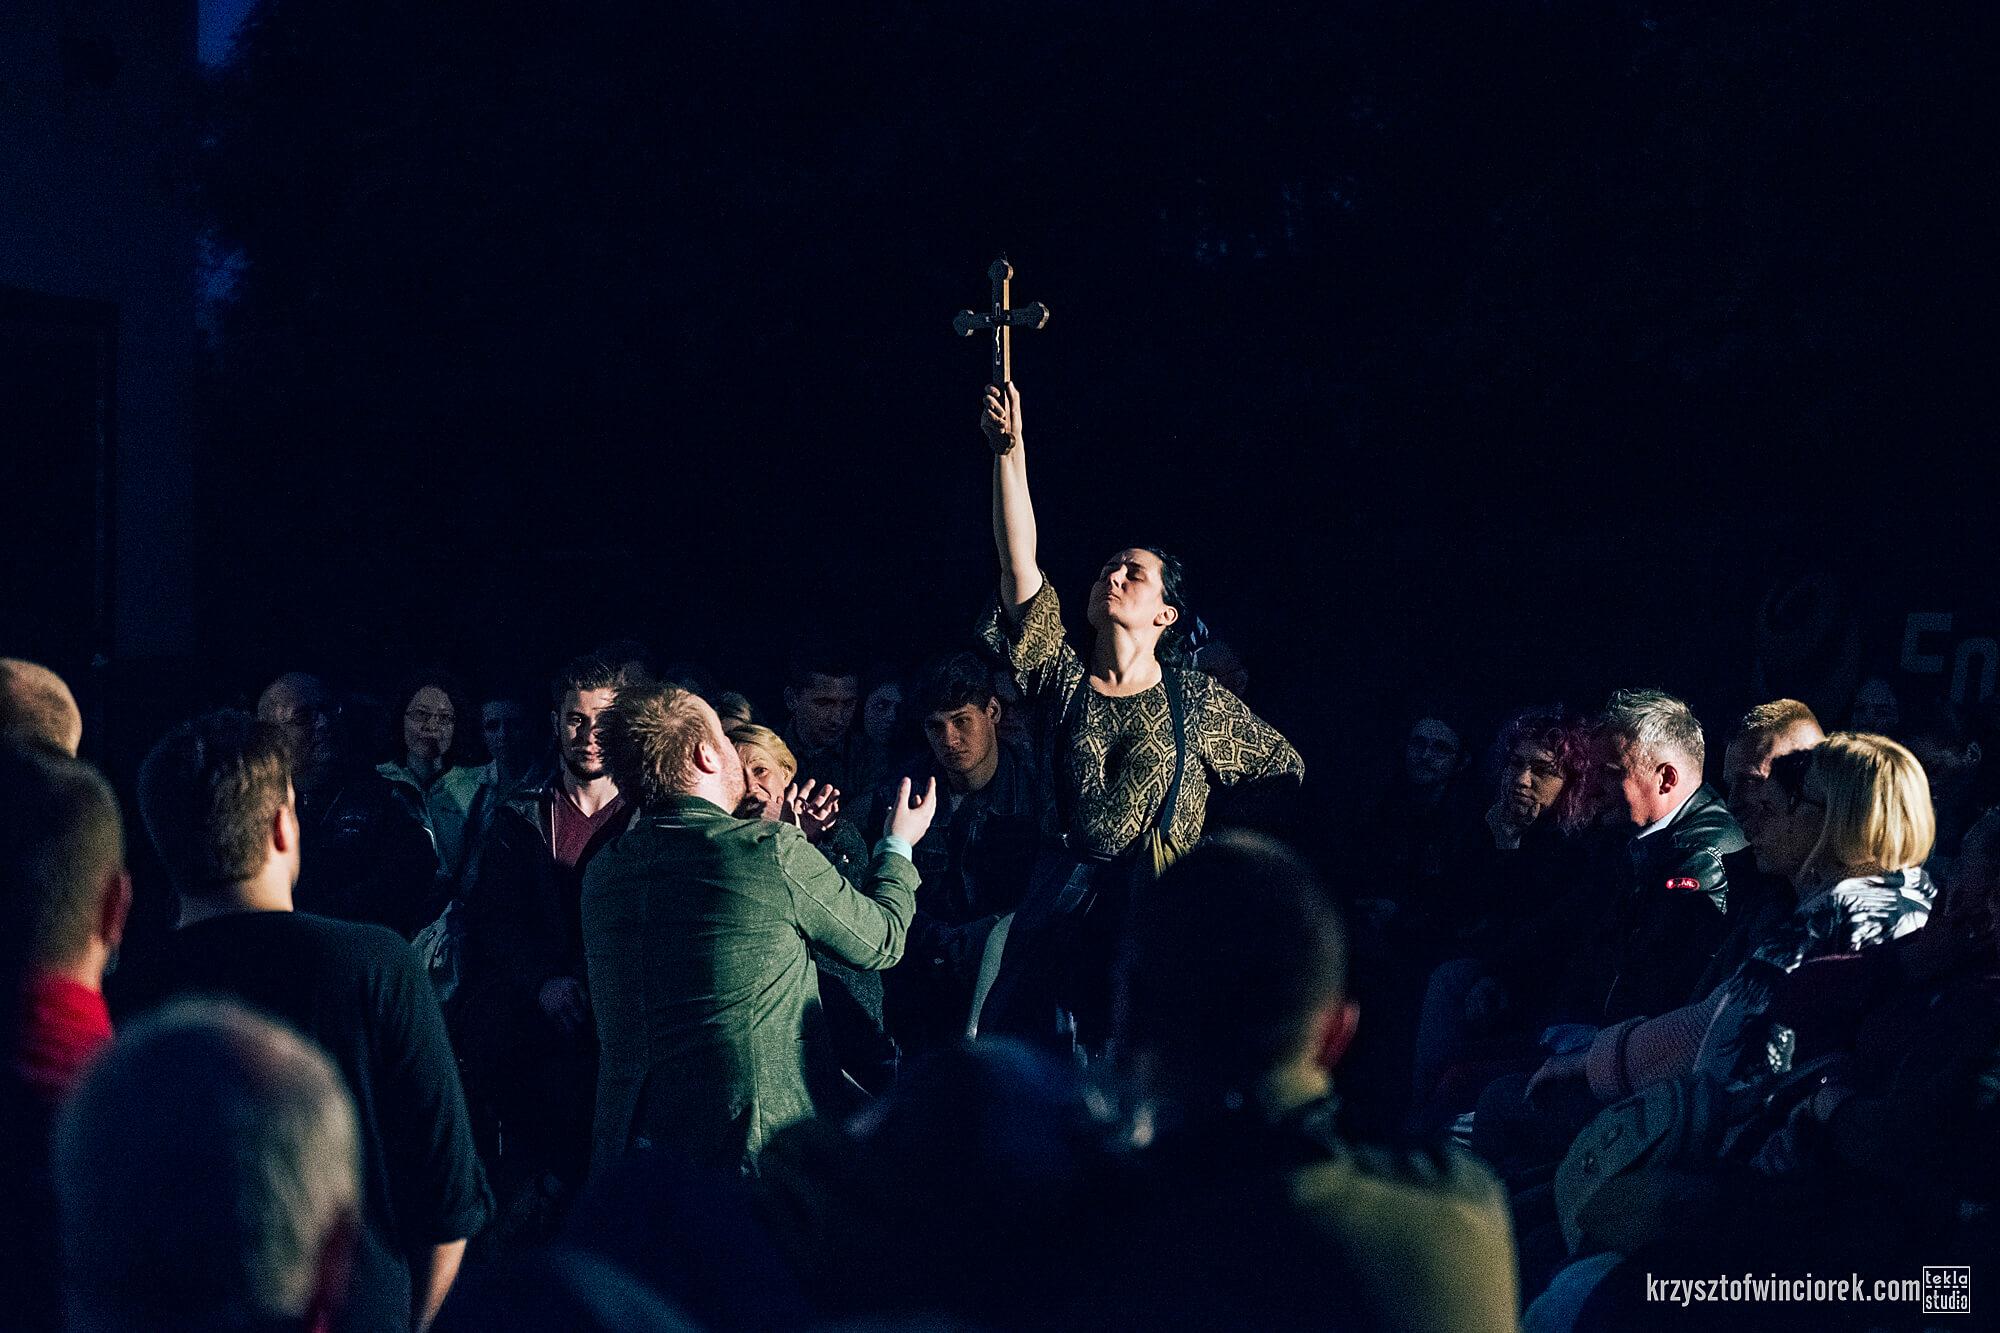 Zdjęcie z festiwalu Pociąg do miasta. Pośrodku tłumu aktorka podnosi rękę w której trzyma krzyż.